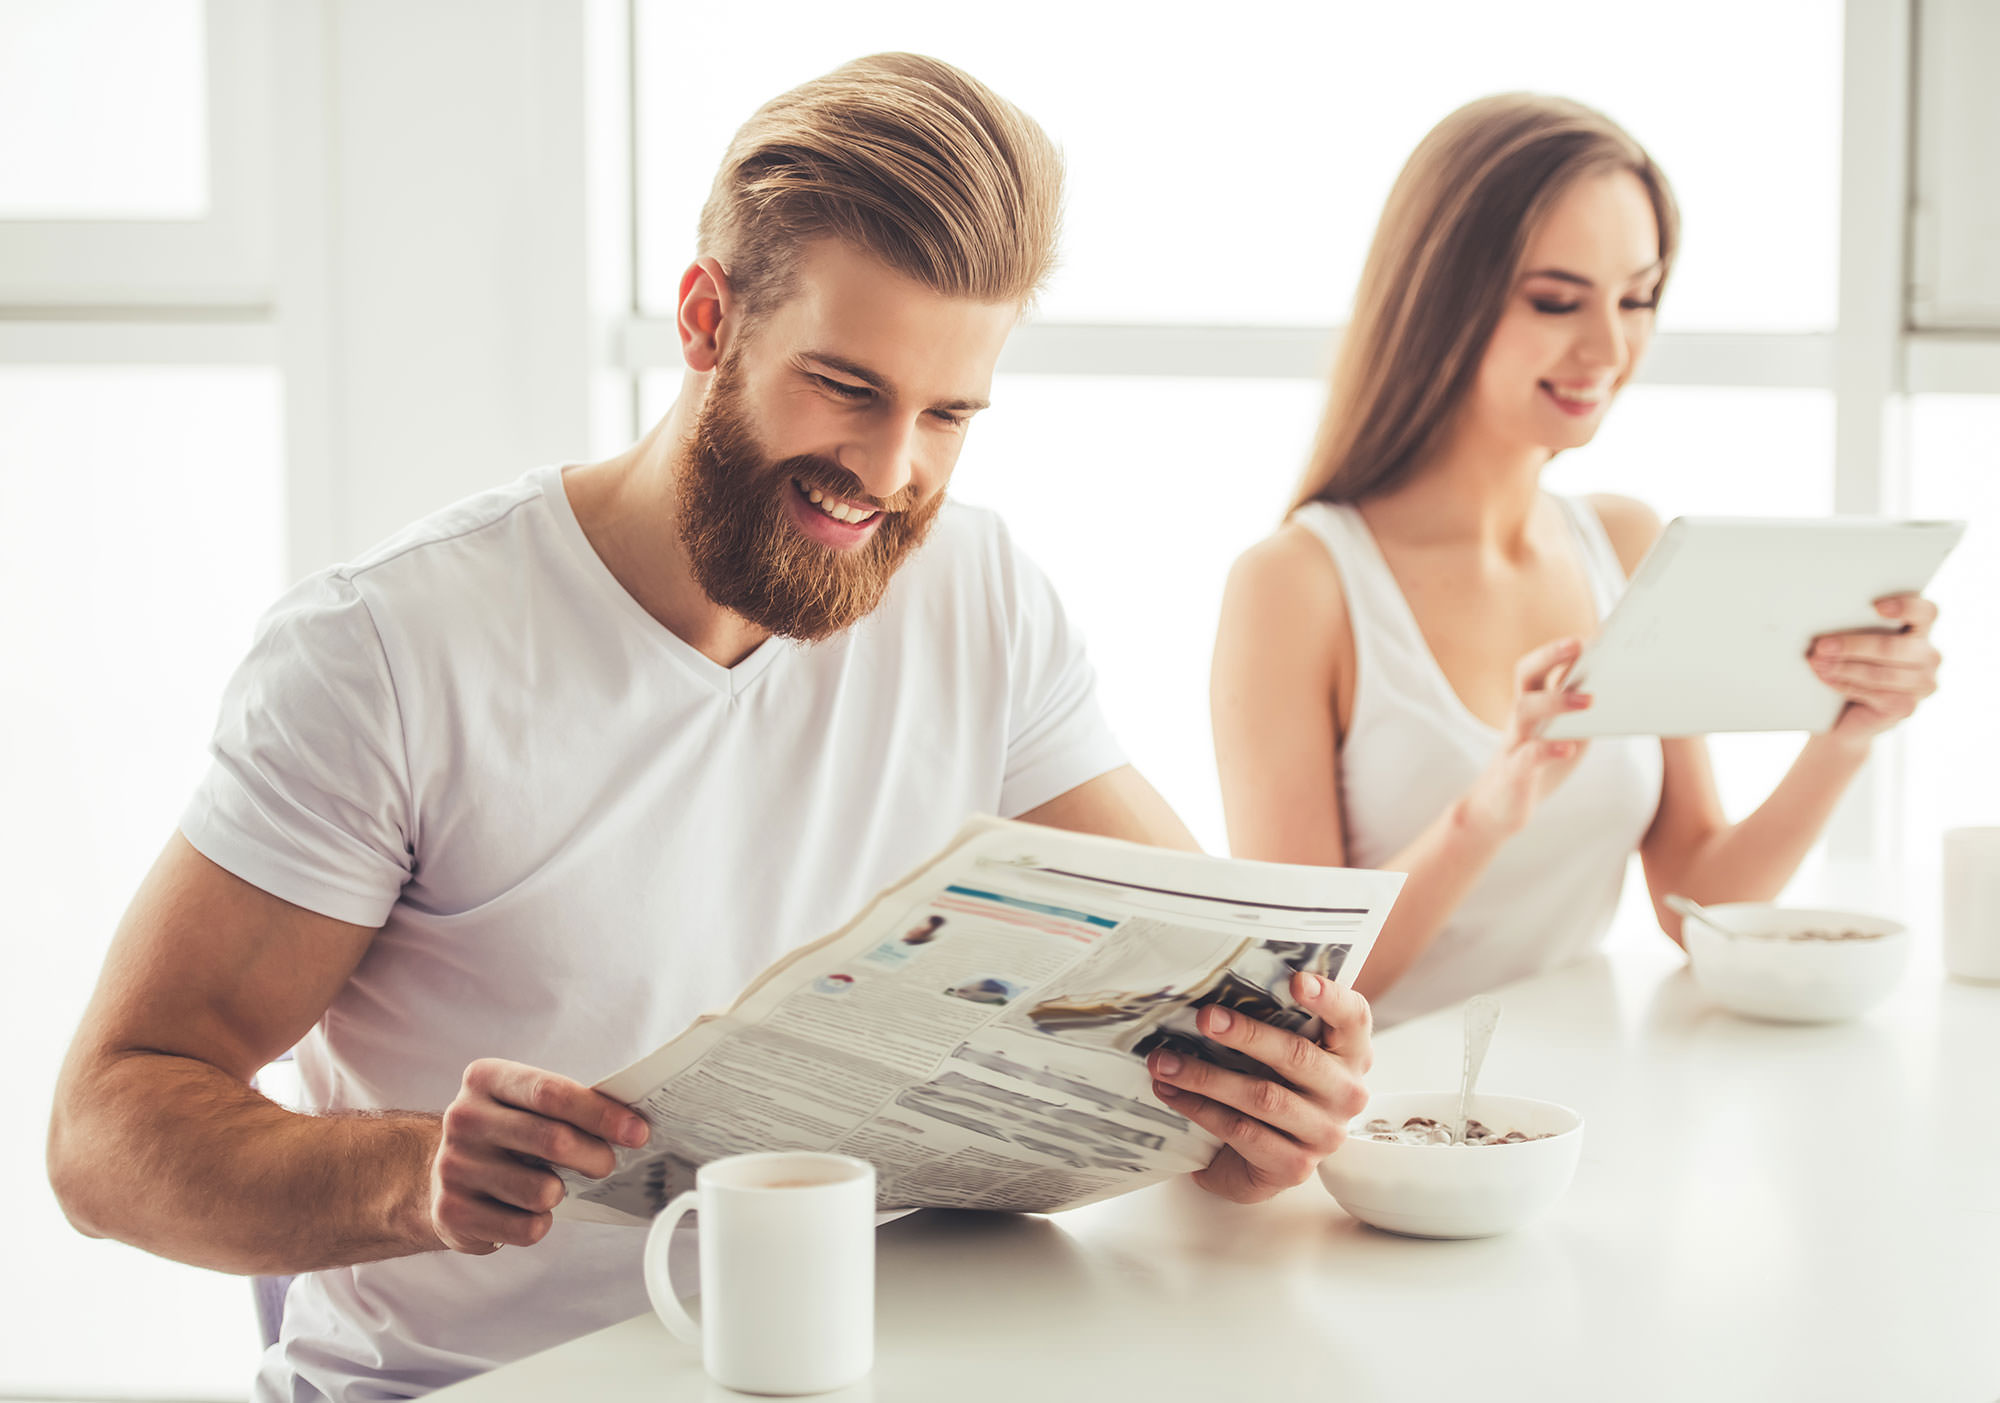 Sie sucht ihn - Kontaktanzeige in der Zeitung